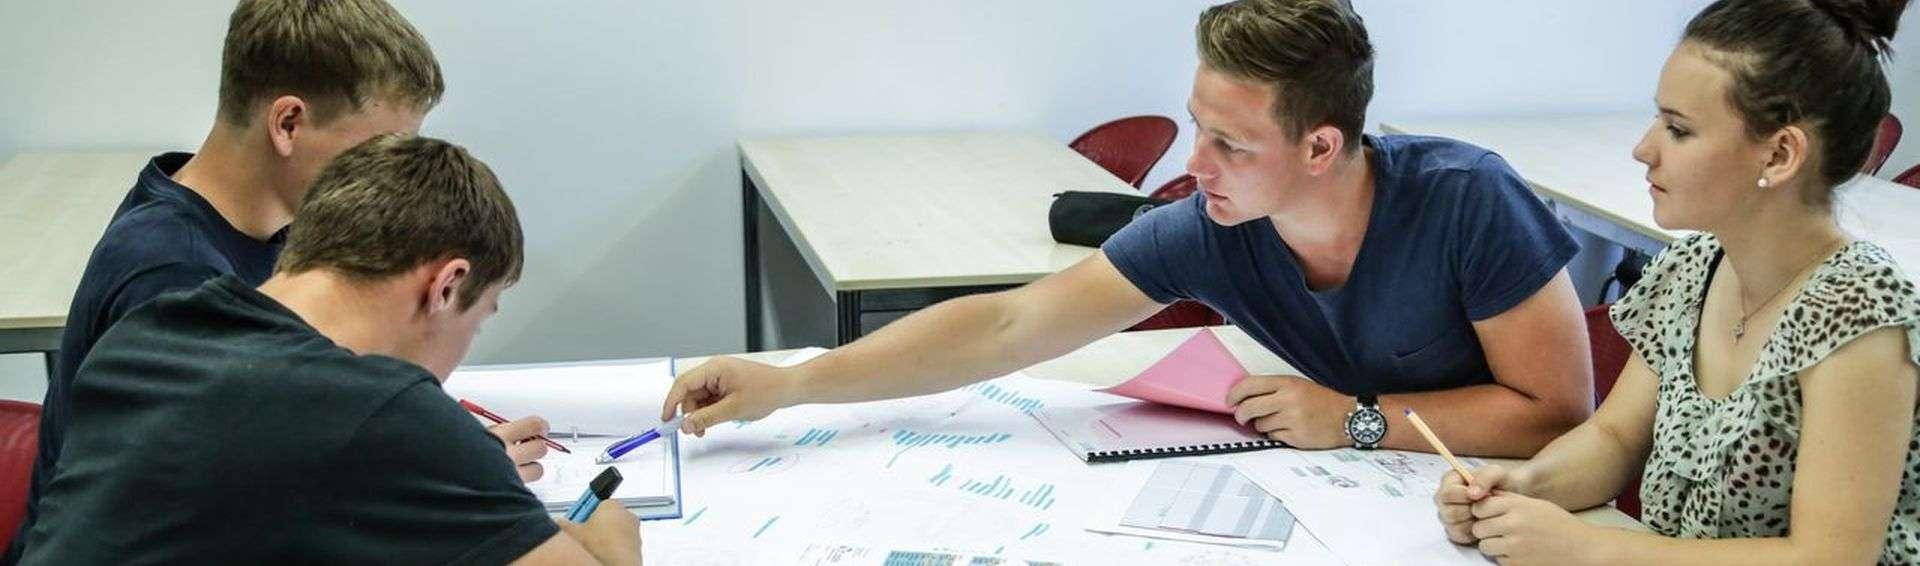 Konstrukteur/in EFZ: Überbetriebliche Kurse ÜK